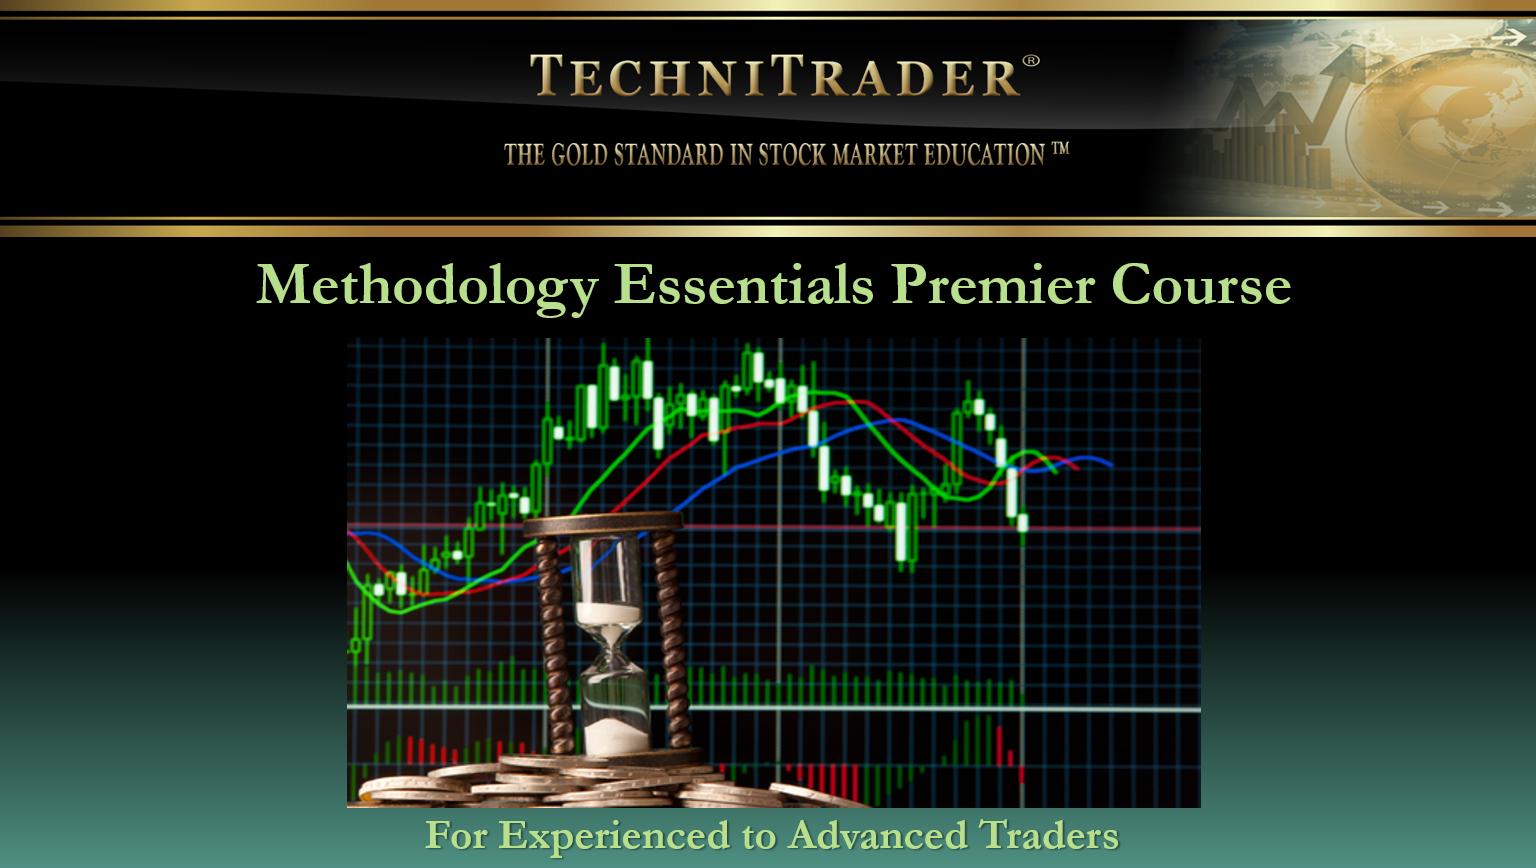 Methodology Premier Course - TechniTrader Stock Trading Blog